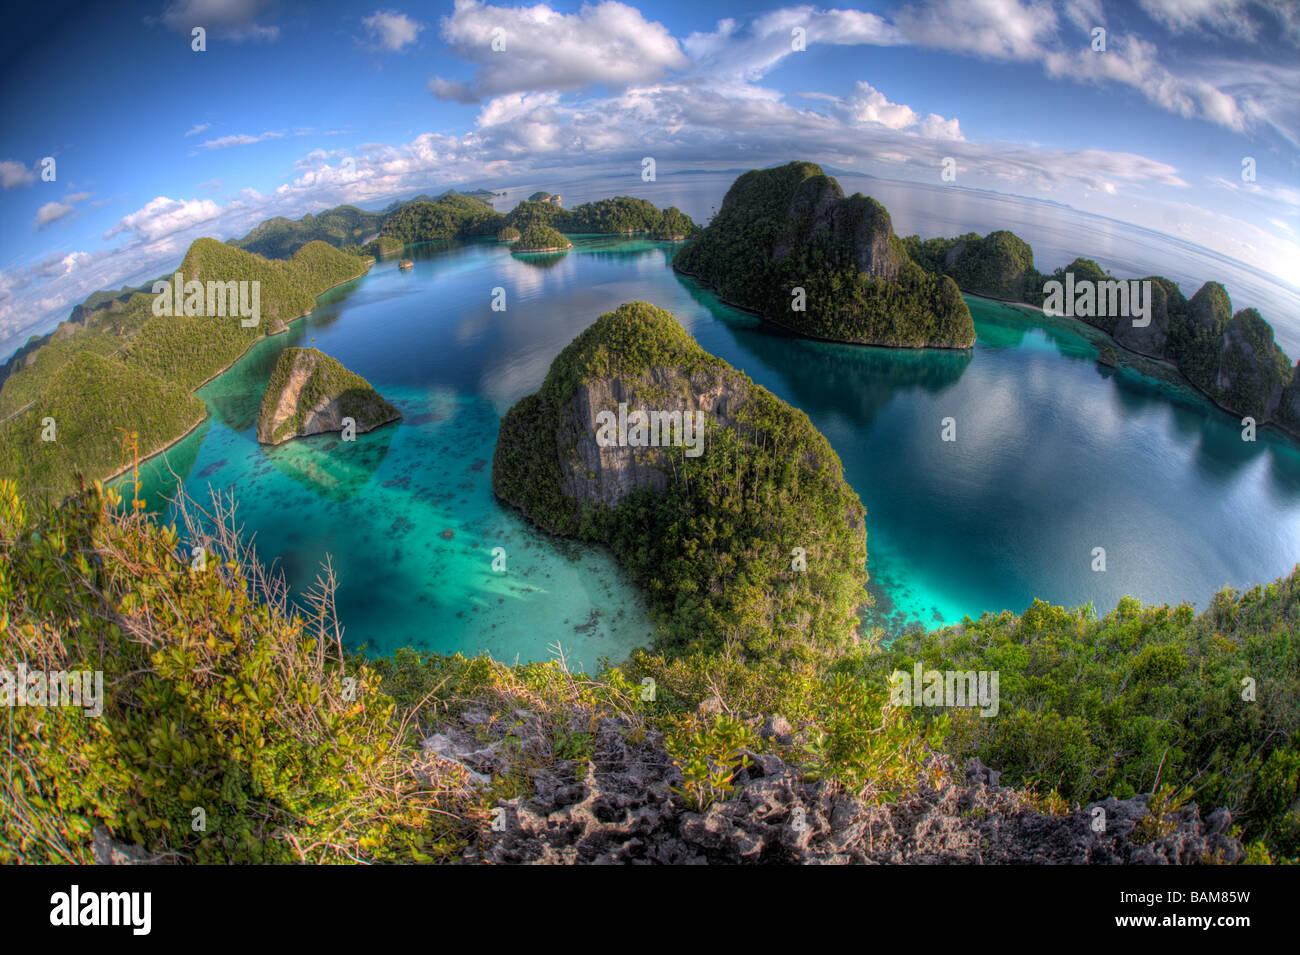 Green Islands Papua New Guinea